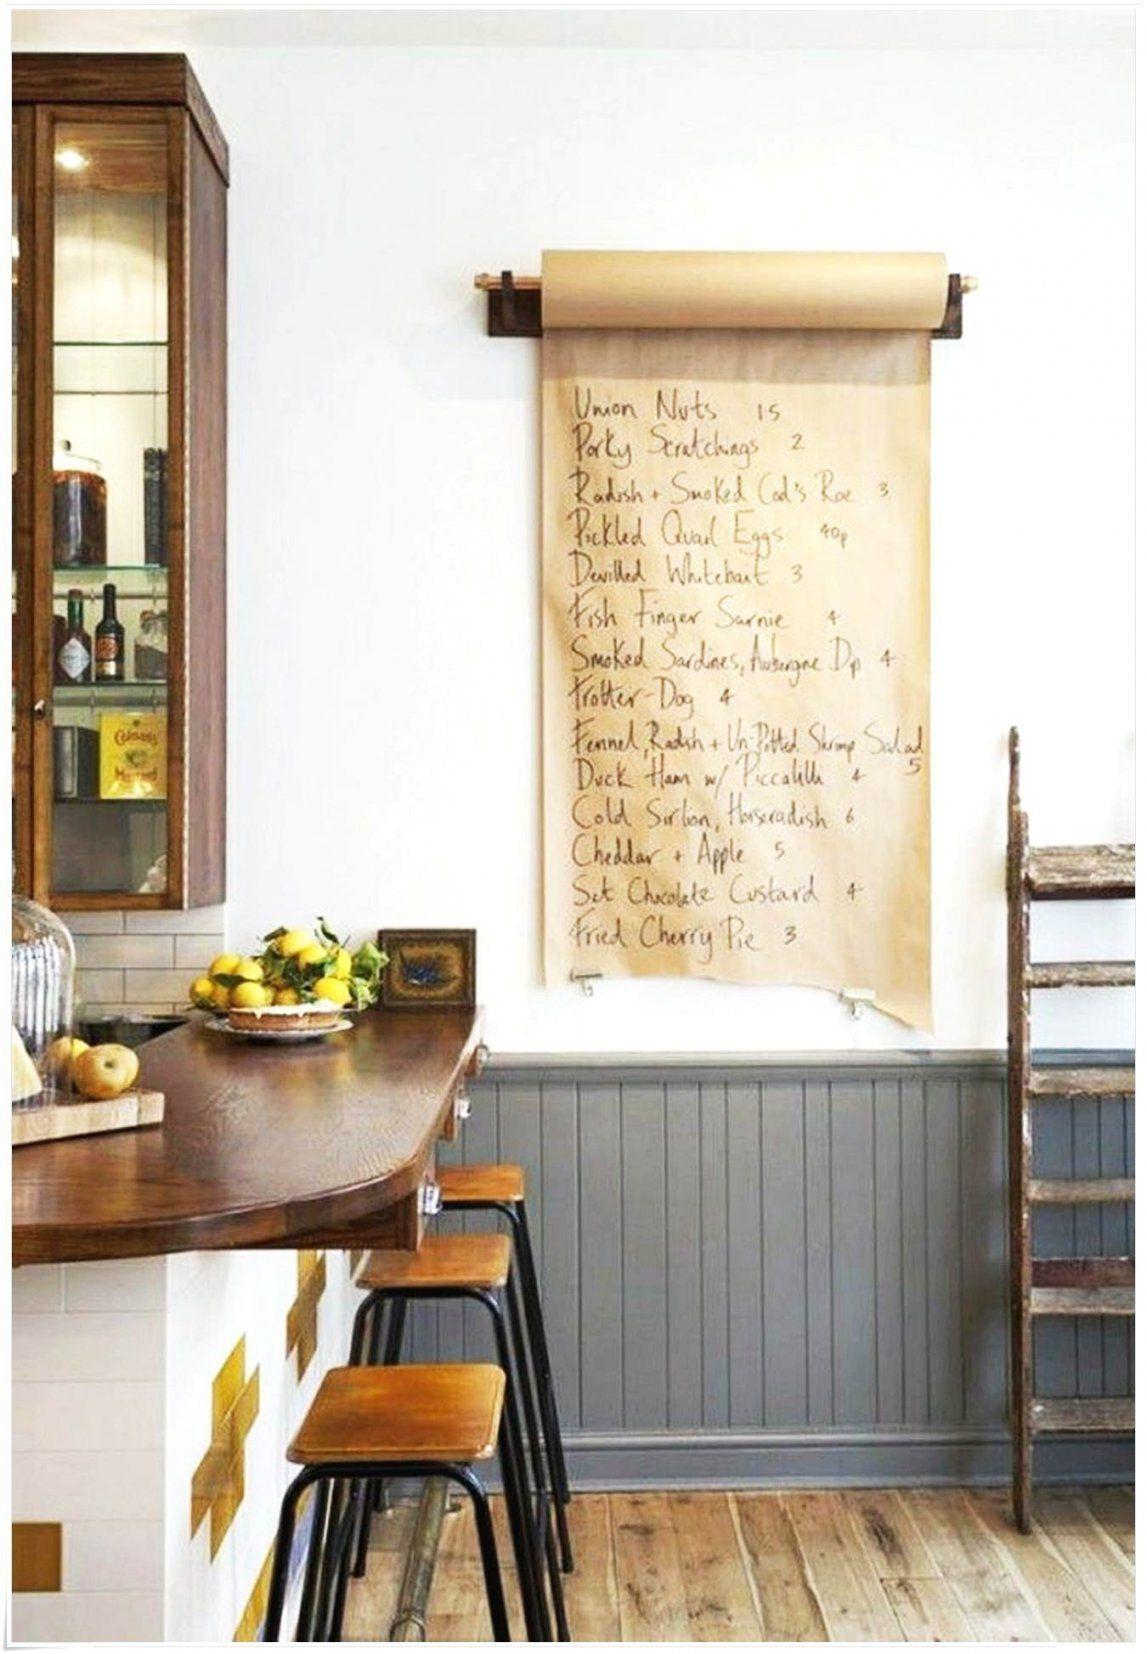 Wanddeko Küche Selber Machen Metod von Wanddeko Küche Selber